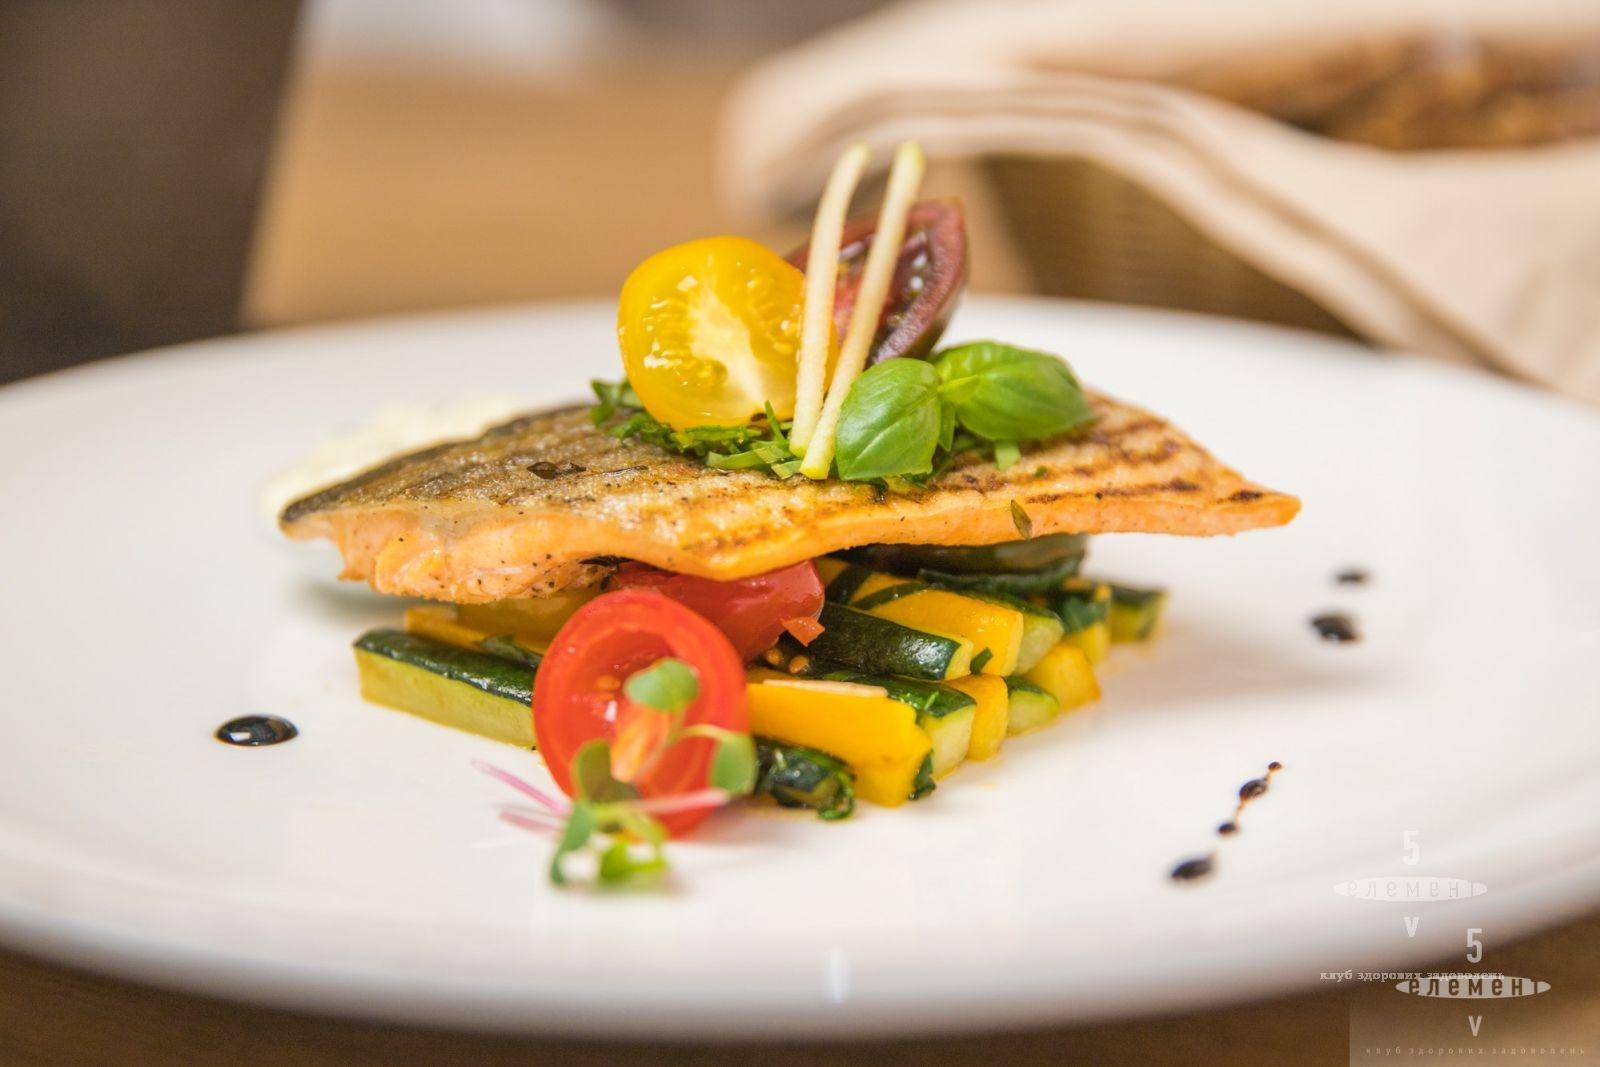 Попробуйте рыбу свежего улова из Исландии в нашем новом меню.— fitness club 5 element